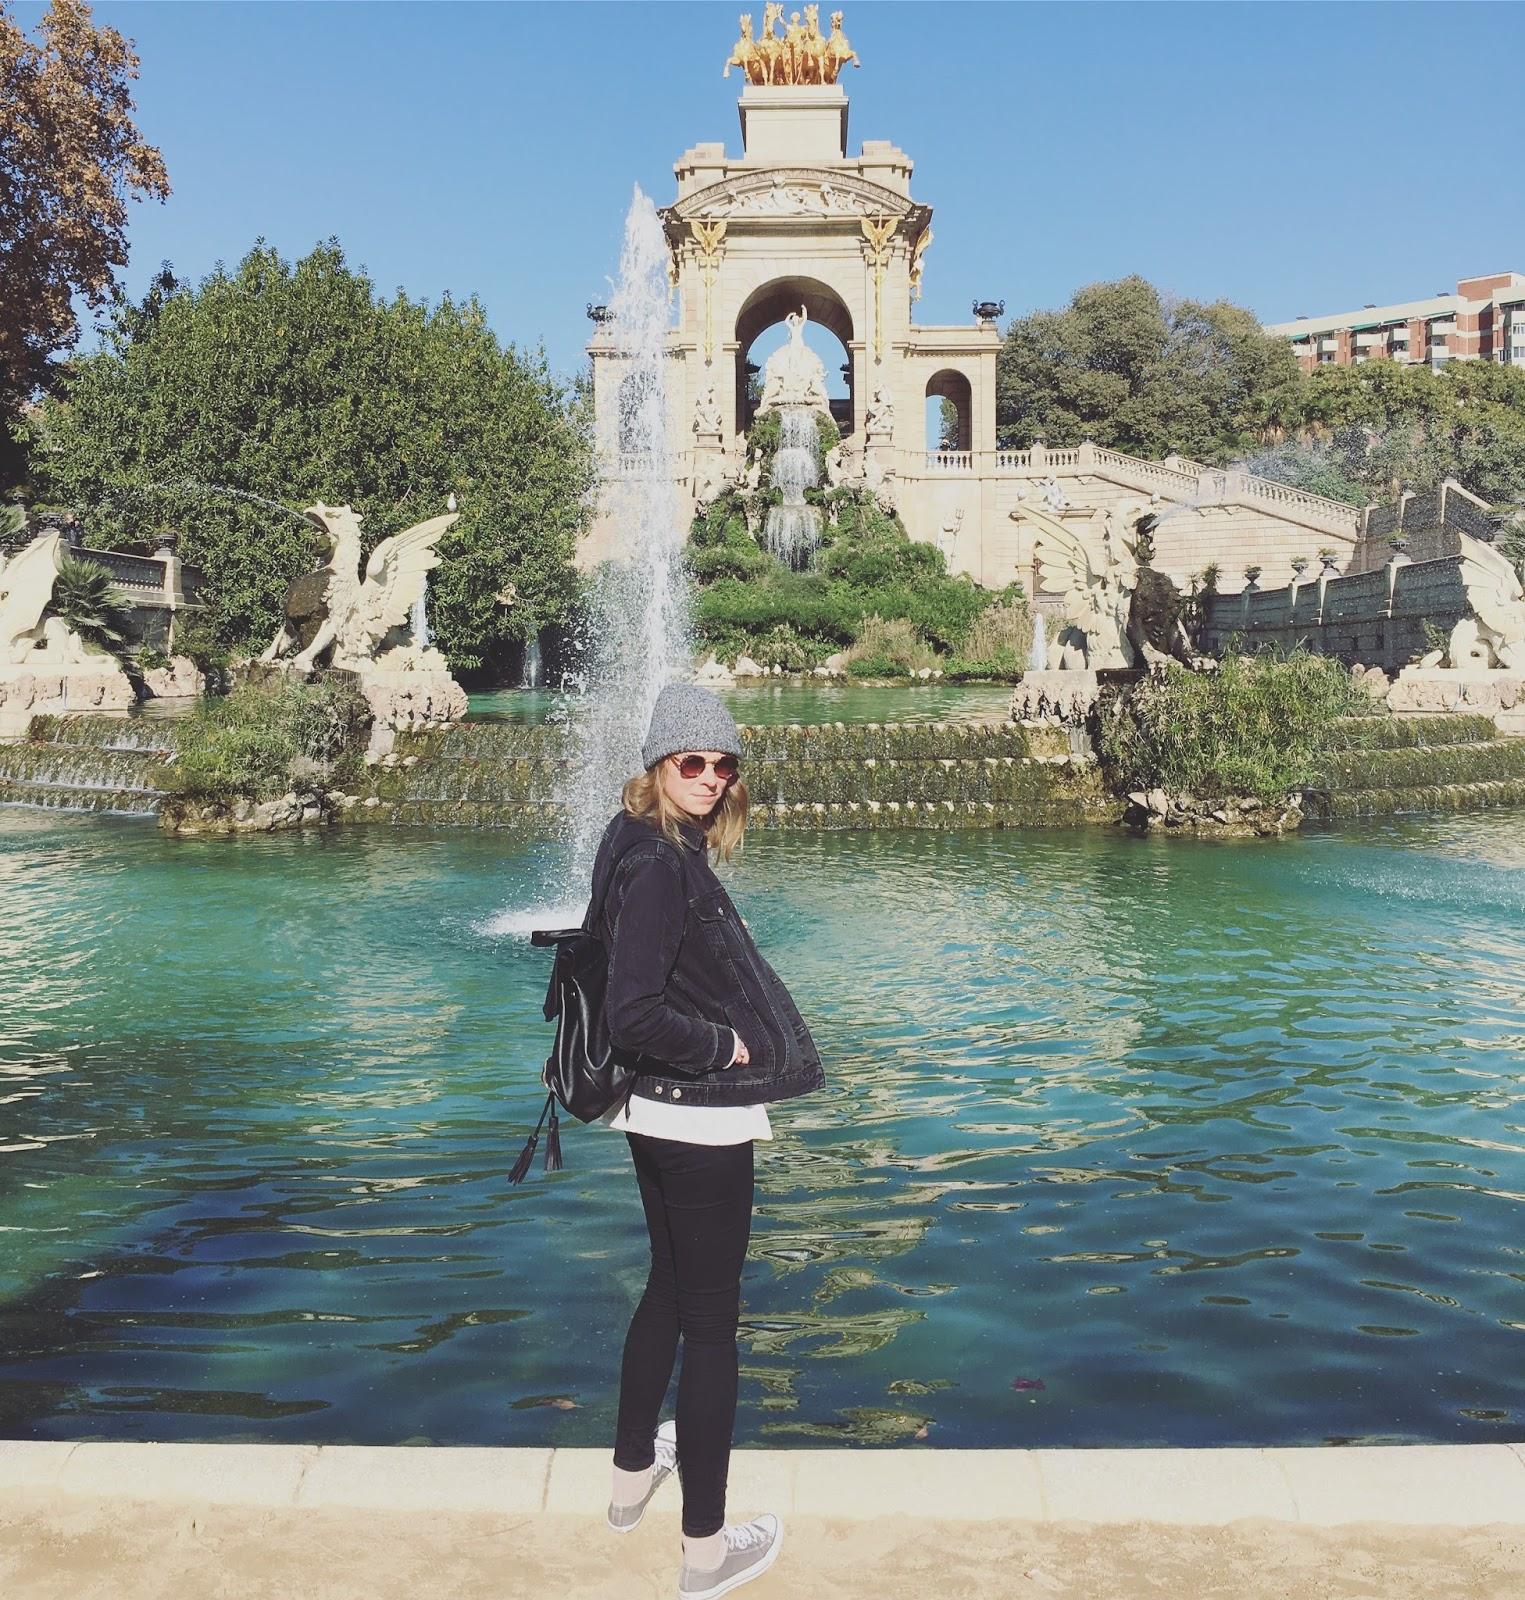 Barcelona, Spain, ejnets